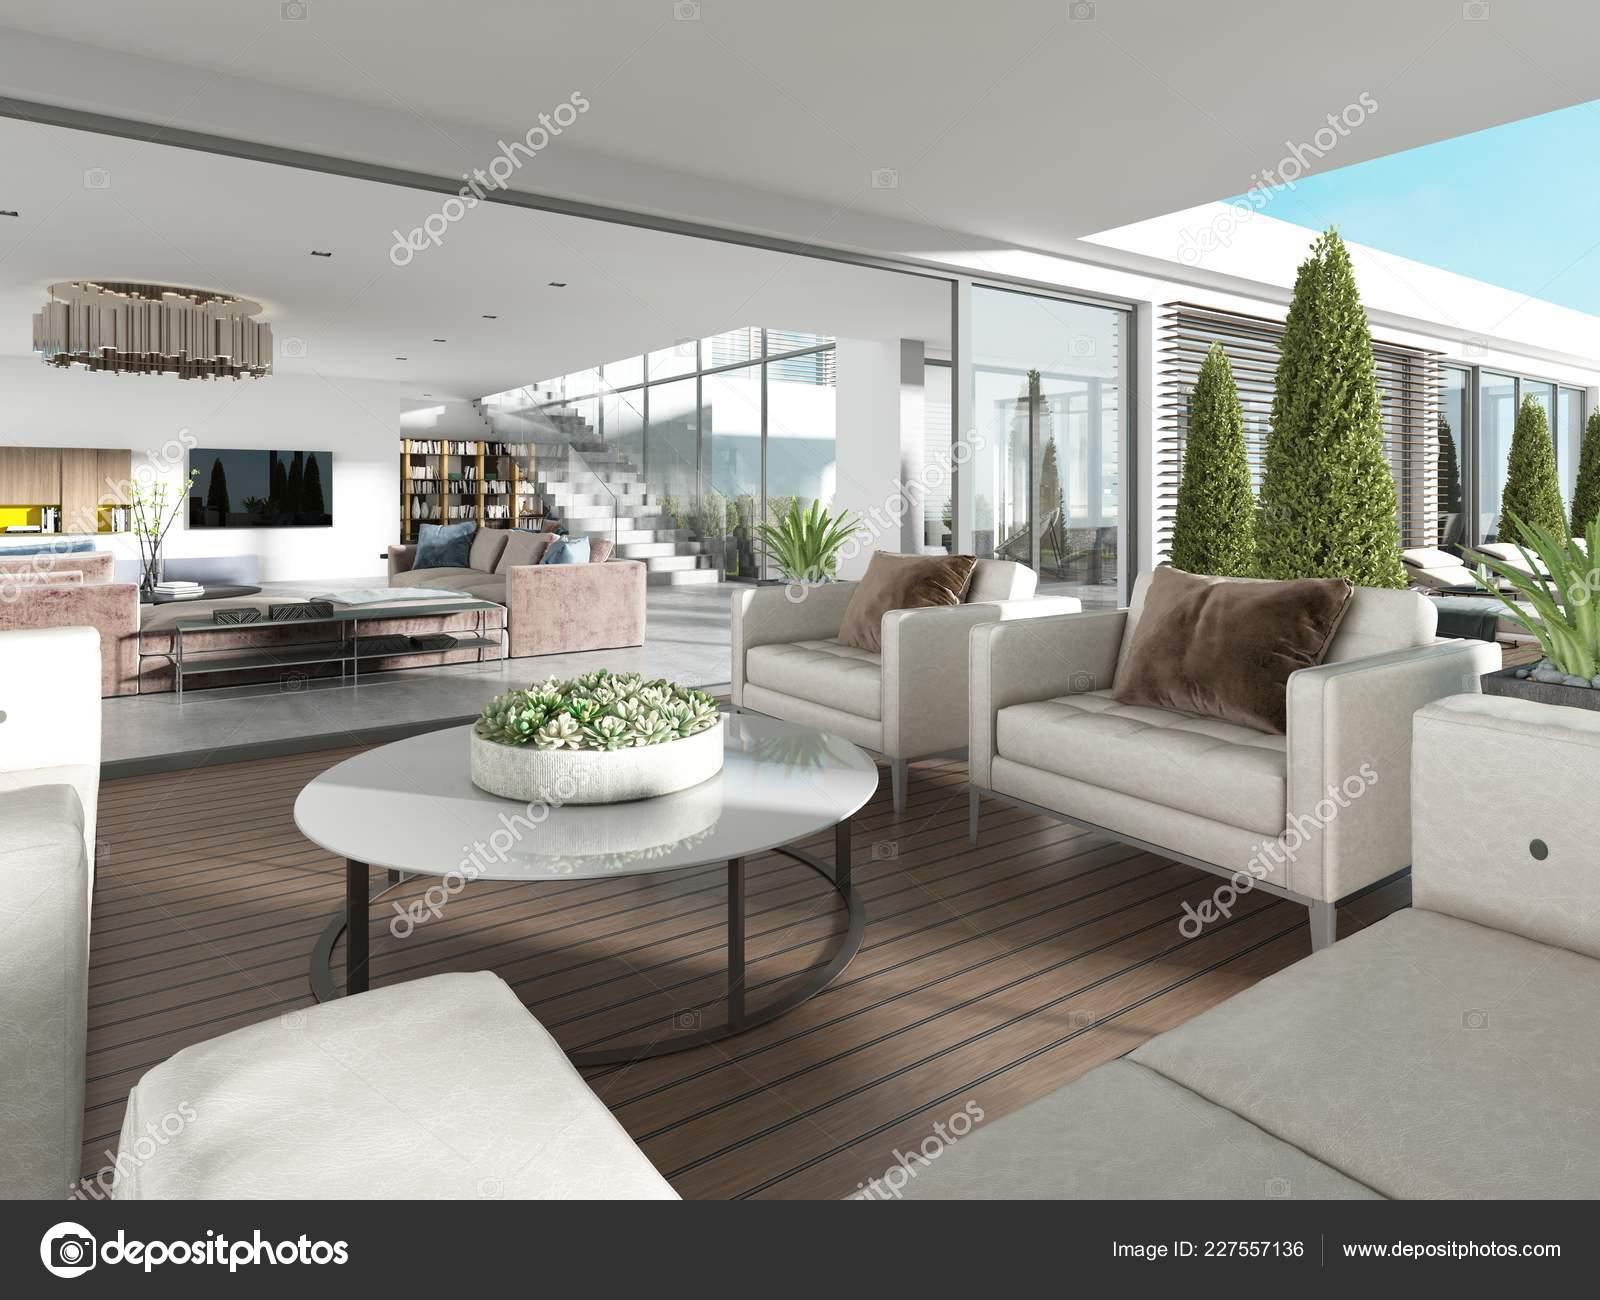 Terrasse Couverte Avec Mobilier Moderne Pots Fleurs Rendu ...